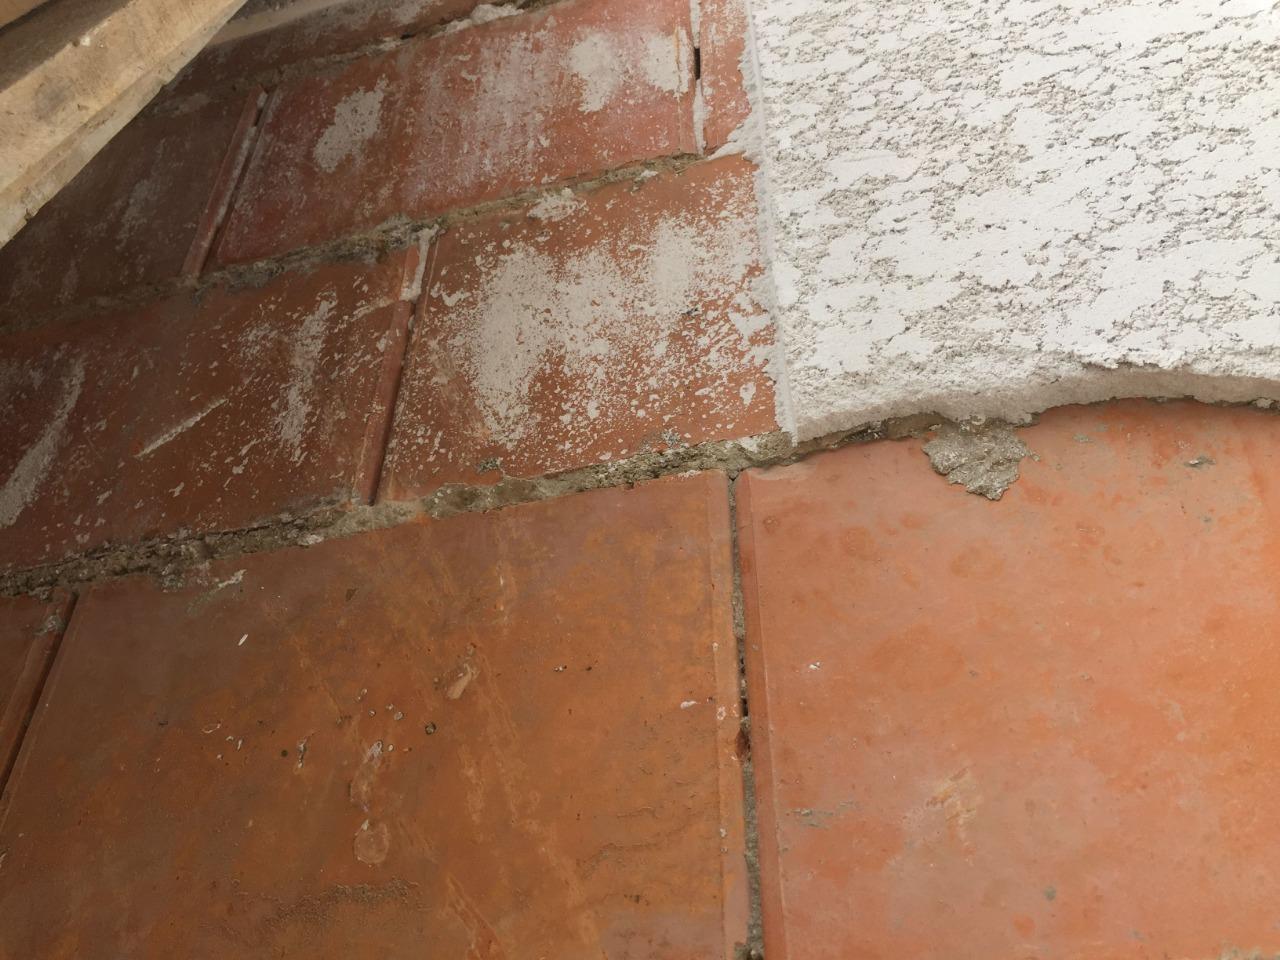 Falha Adesiva de Revestimento de Argamassa Projetada da Alvenaria com Eflorescência